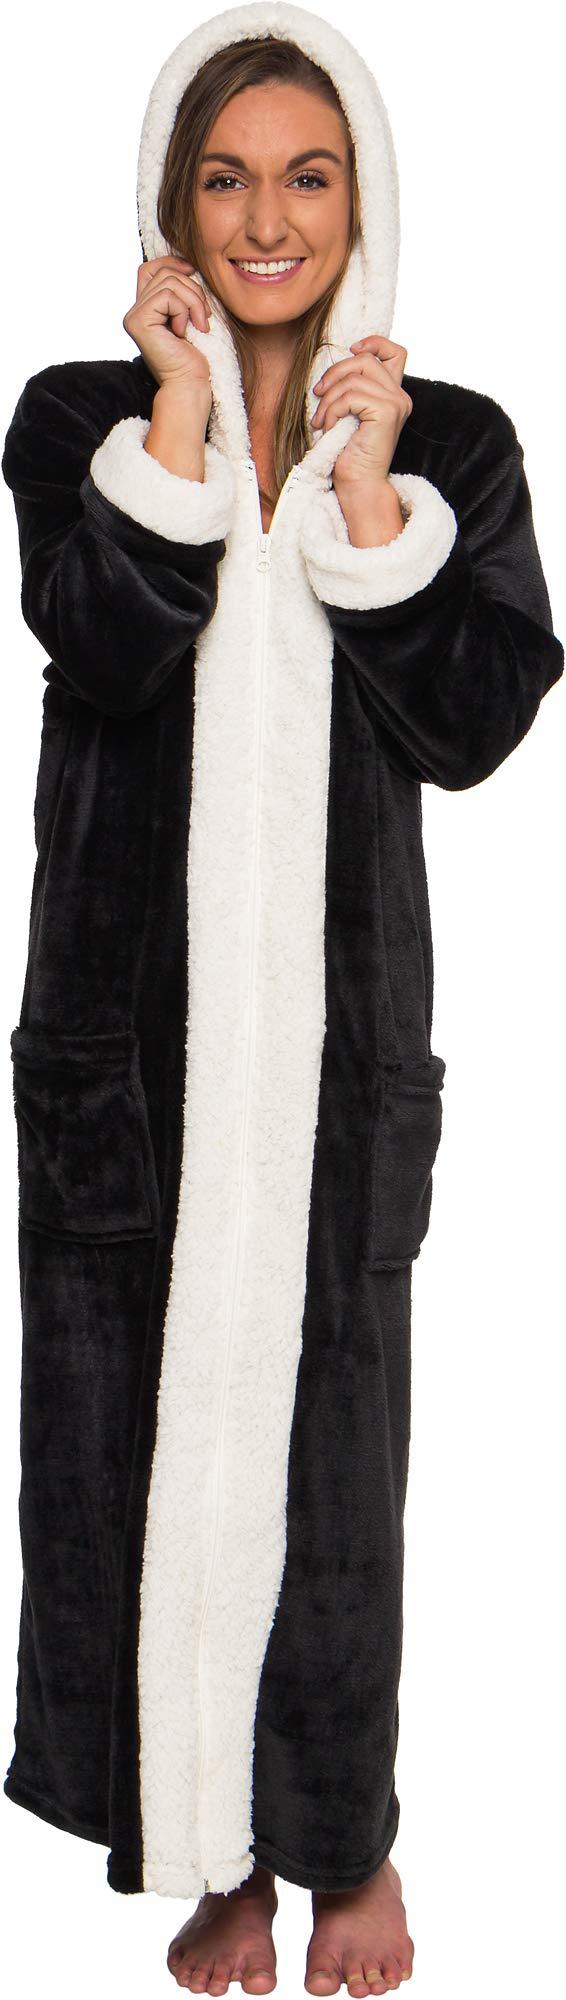 Silver Lilly Sherpa Trim Hooded Robe w/Zipper - Women's Full Length Plush Fleece Long Zipper Housecoat